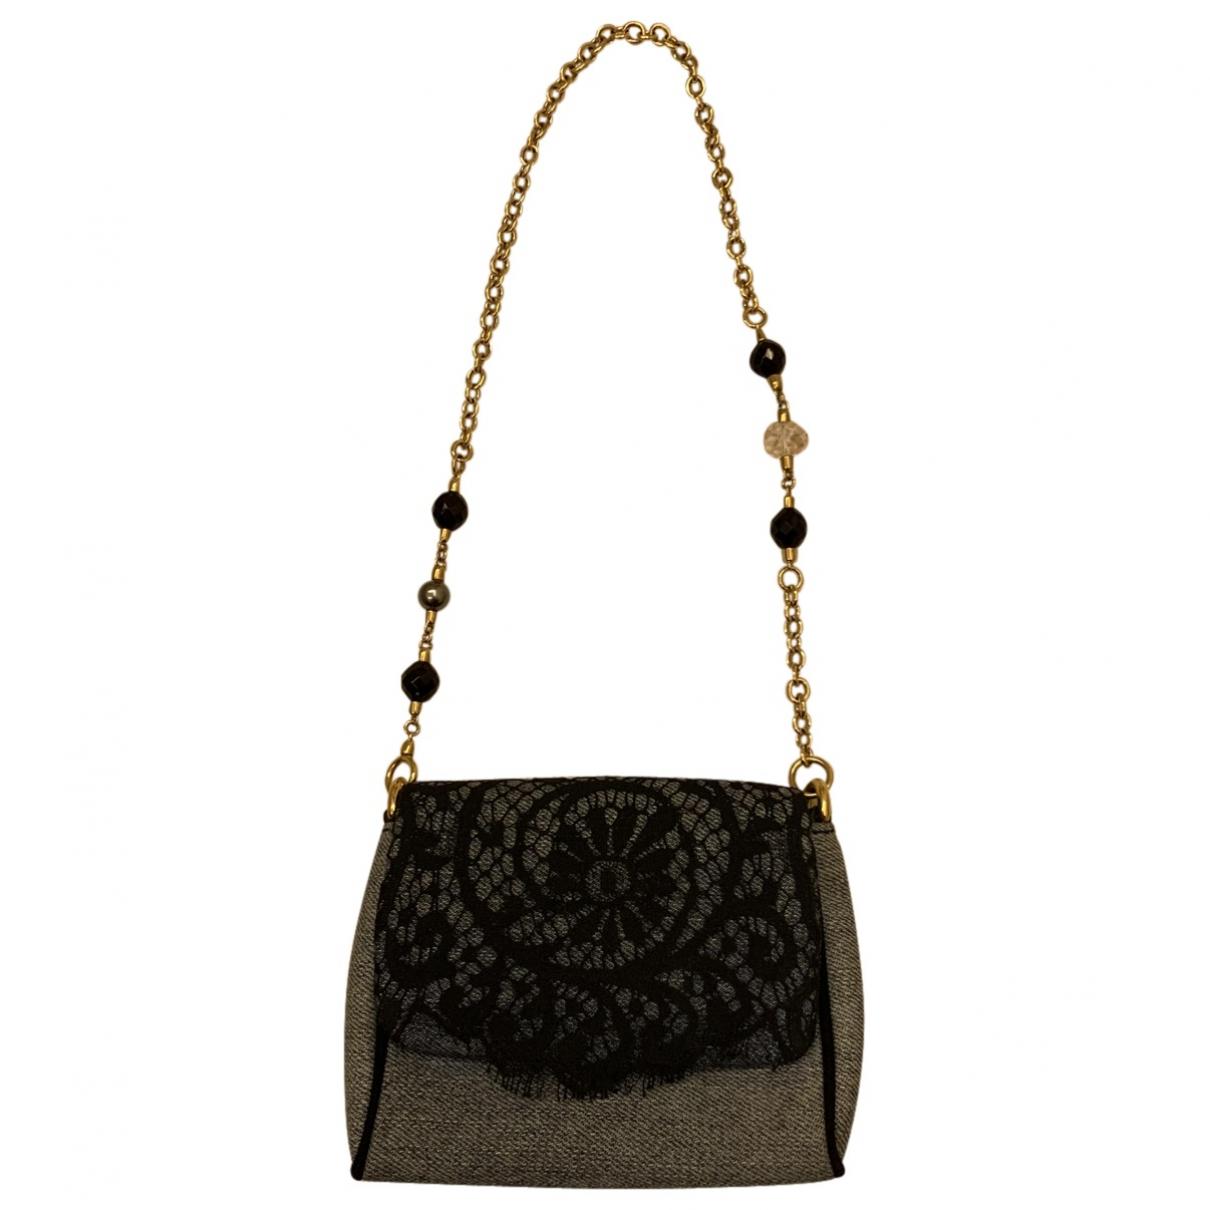 Dolce & Gabbana \N Blue Denim - Jeans handbag for Women \N